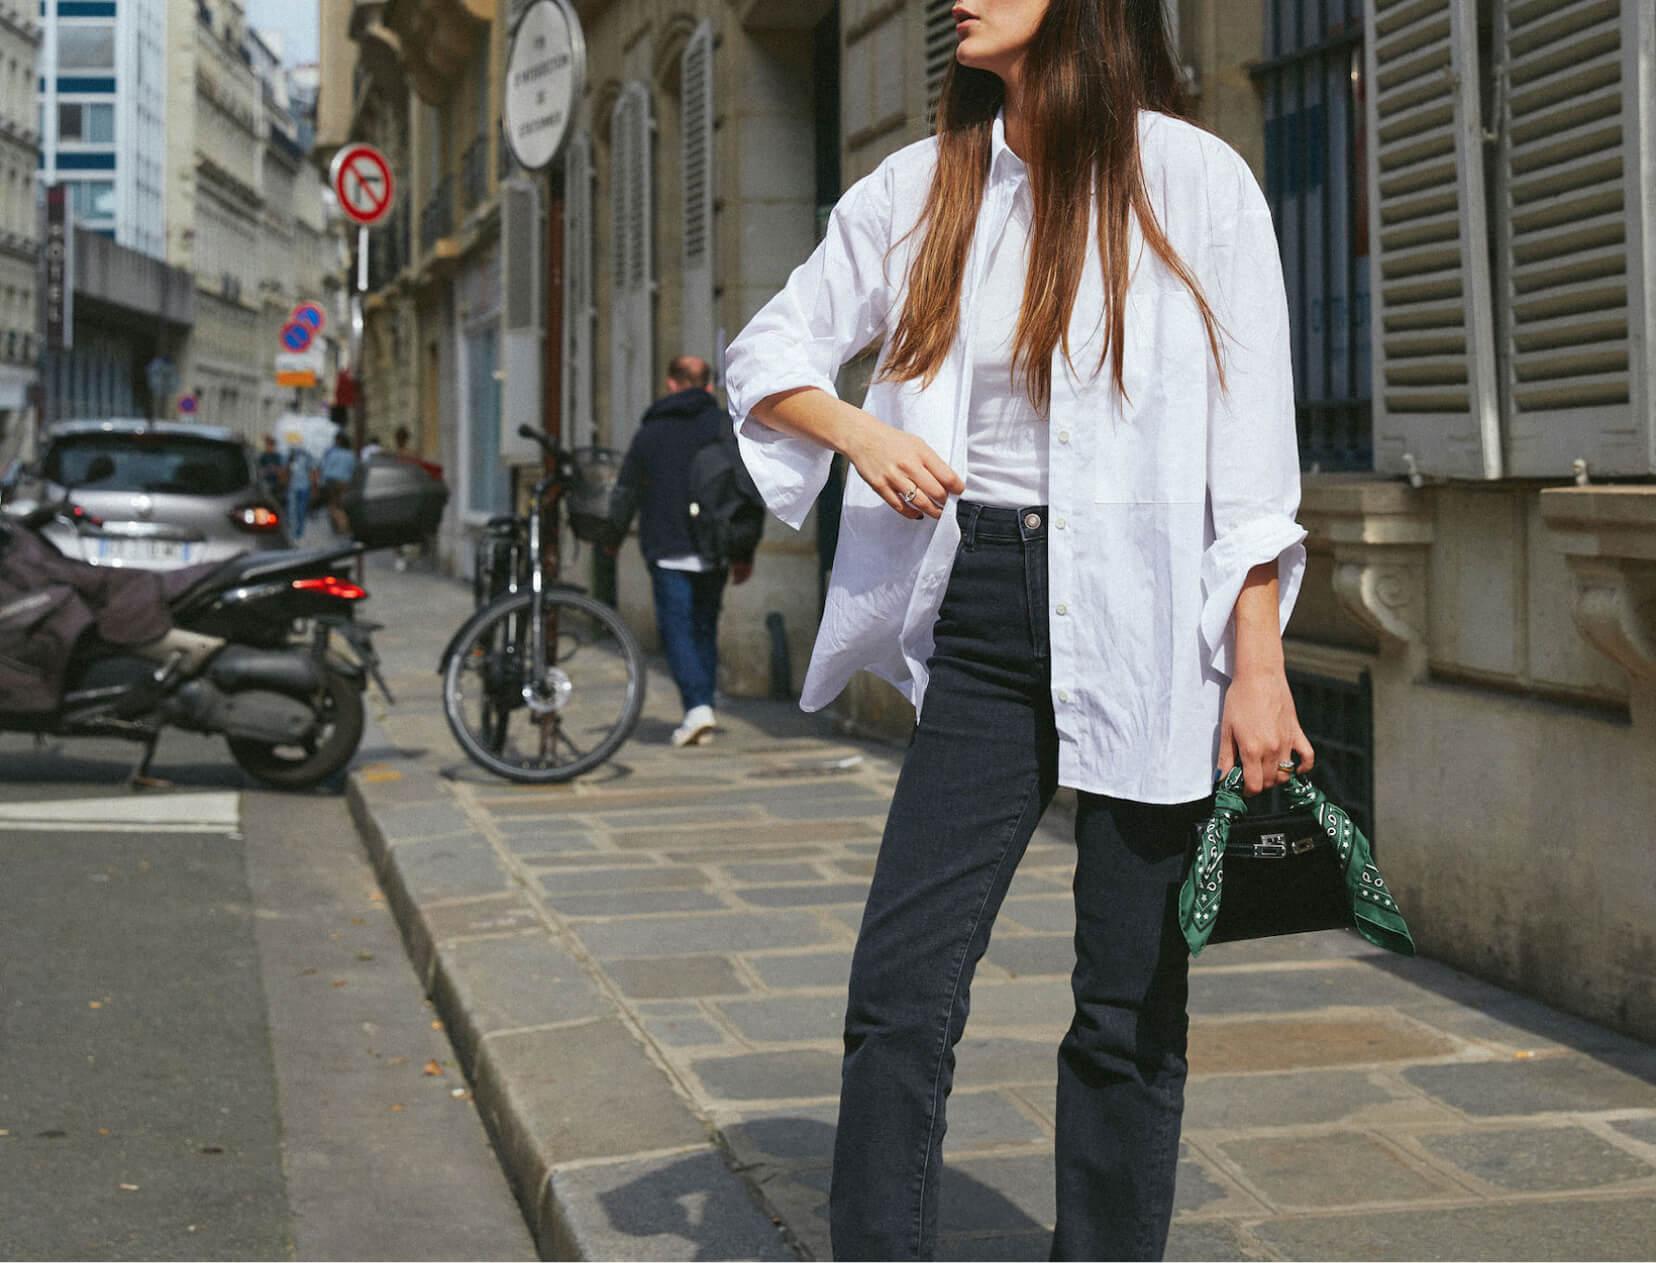 زن با پیراهن سفید دکمه دار